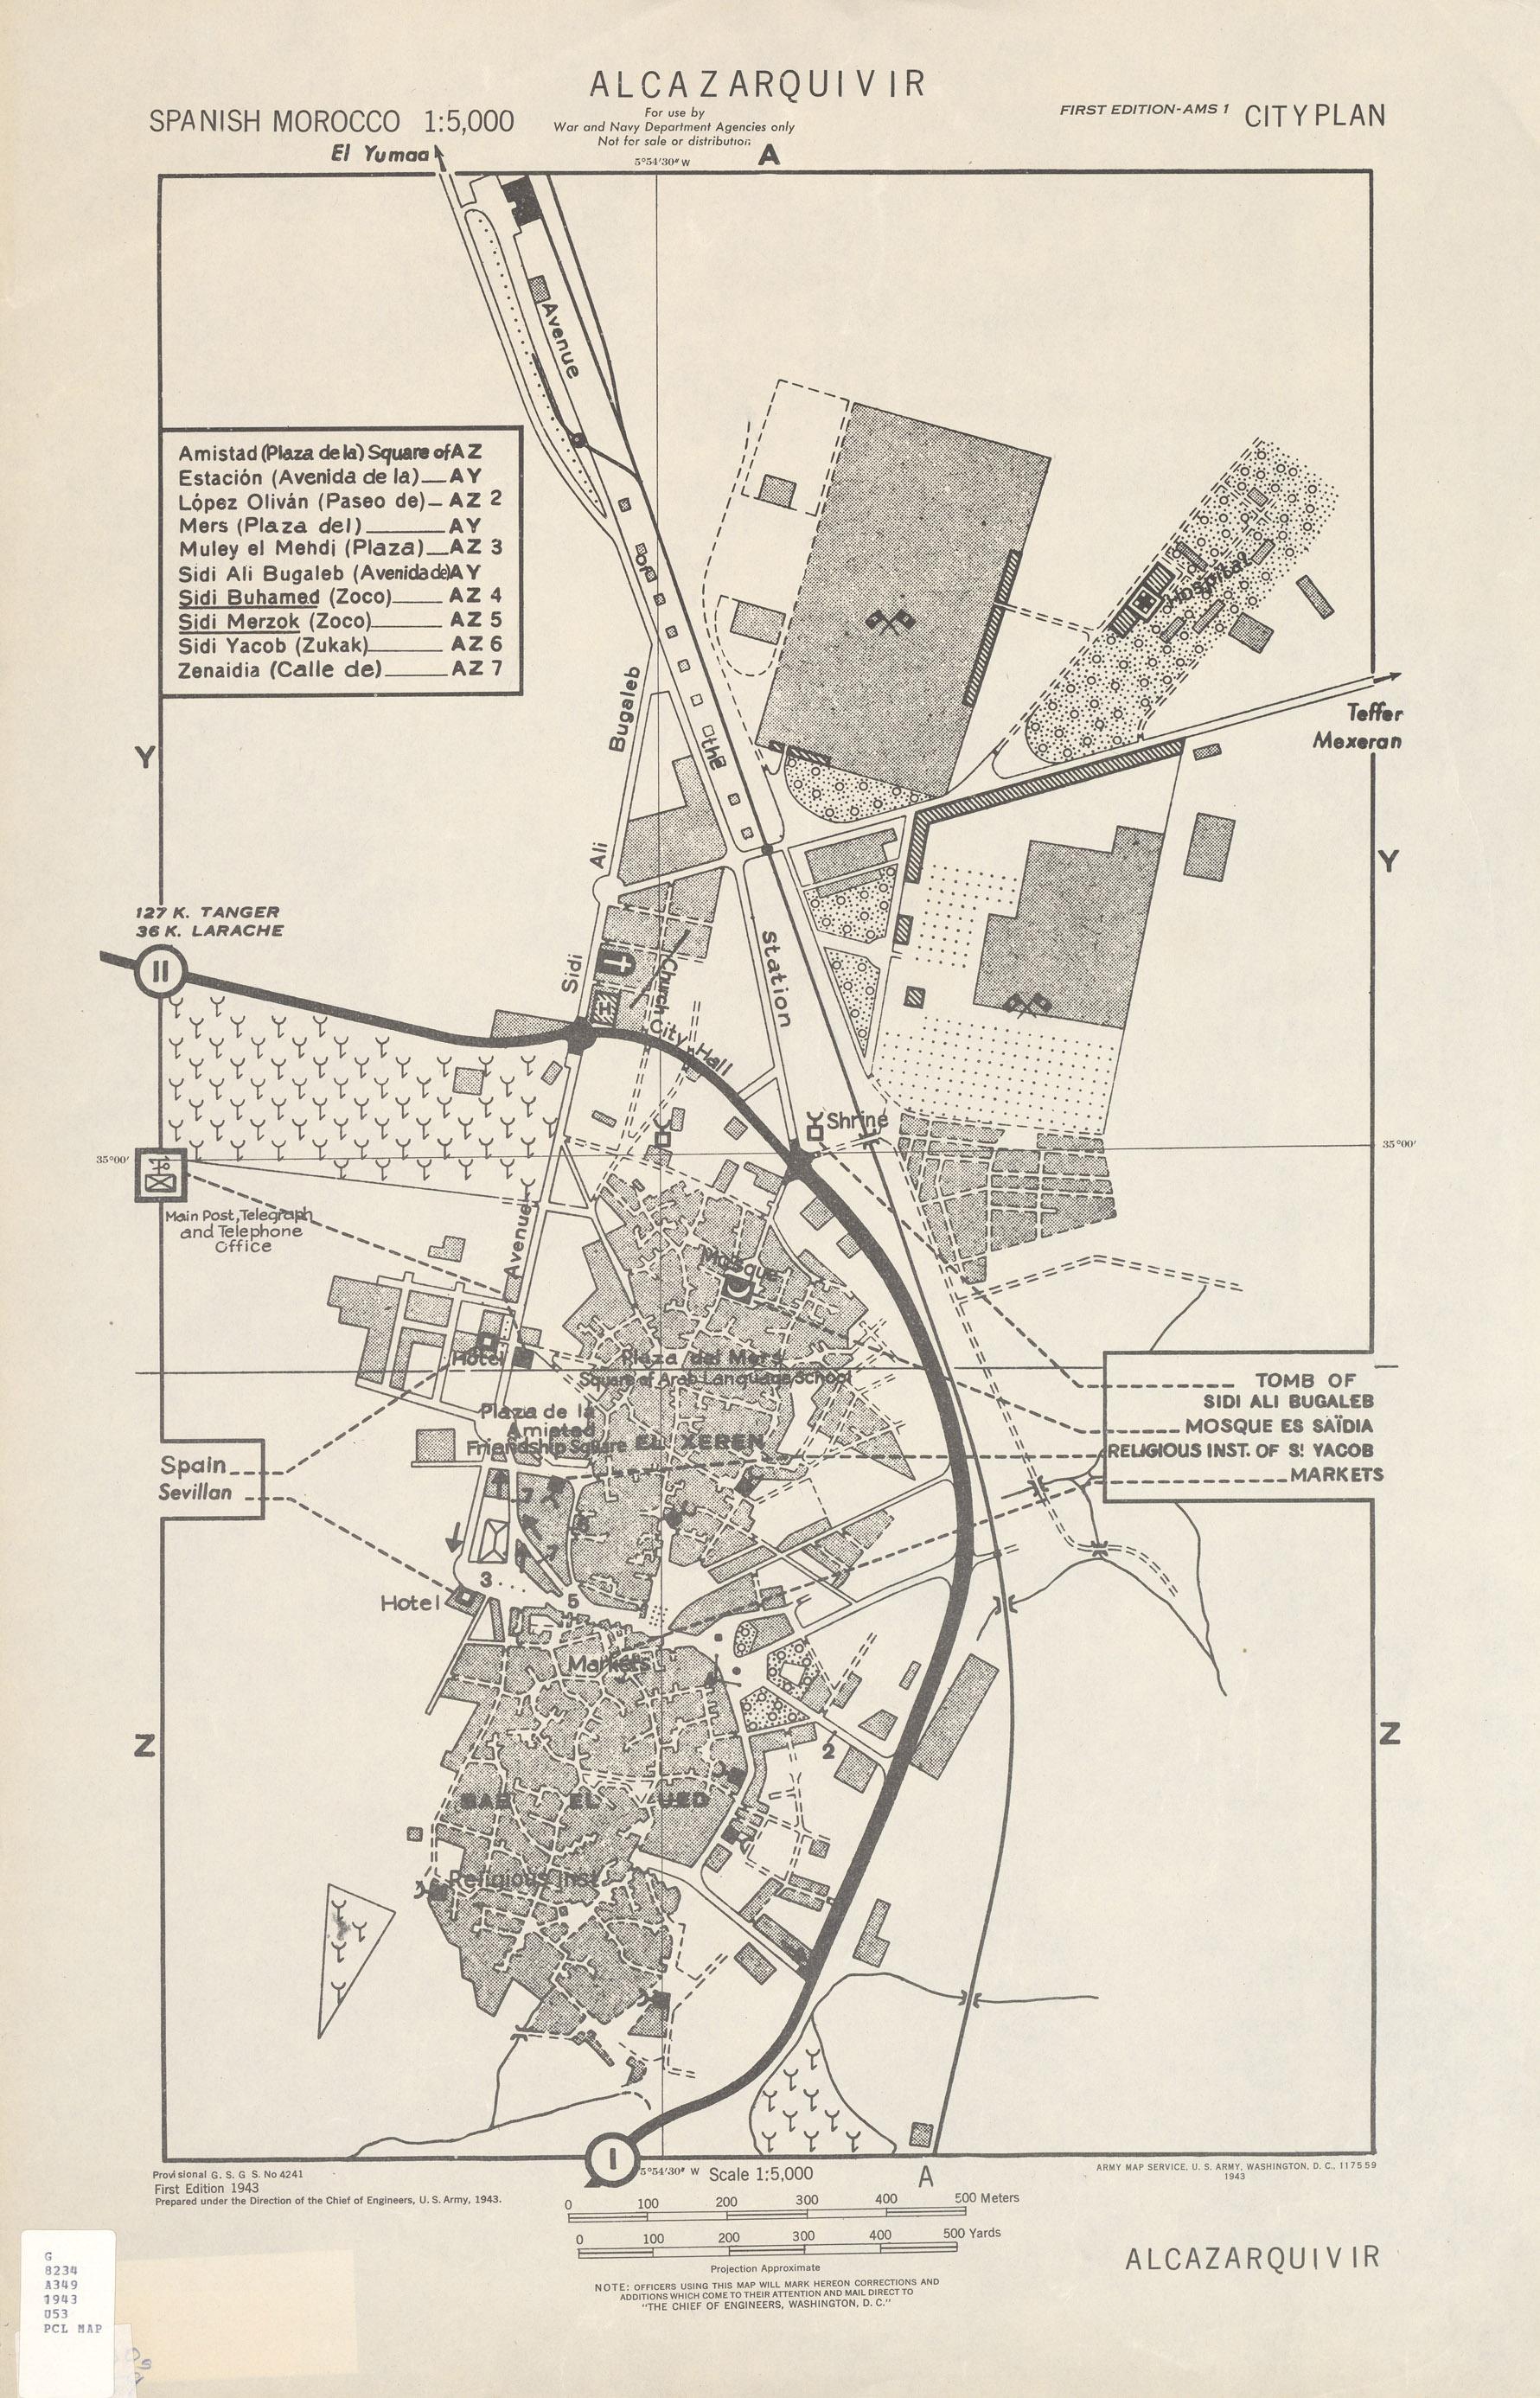 Ksar-el-Kebir (Alcazarquivir) City Map, Morocco 1943